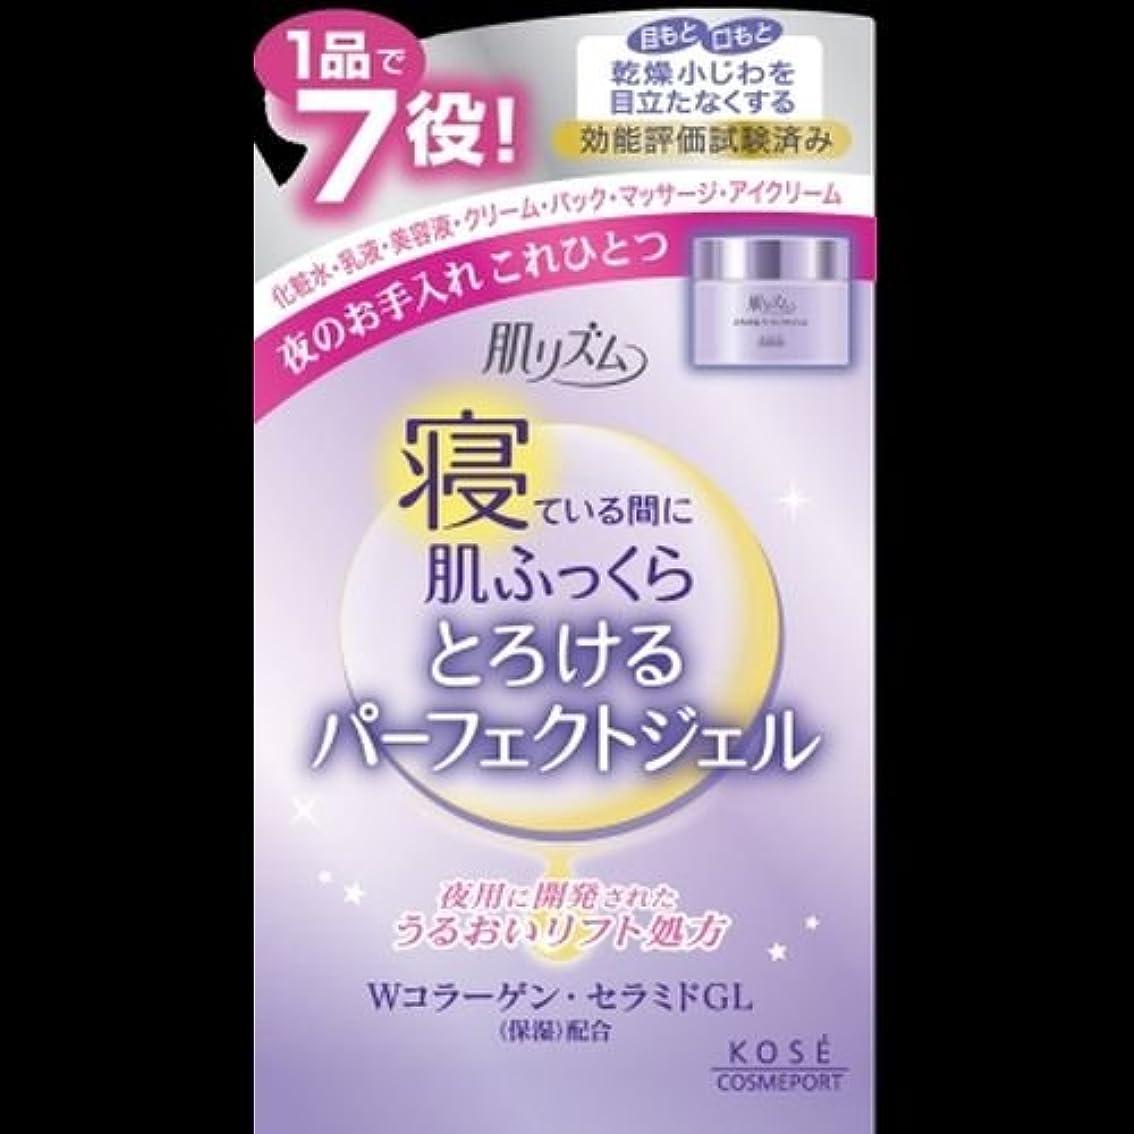 突然研磨剤火曜日コーセー 肌リズム うるおい濃密ジェル 100g ×2セット